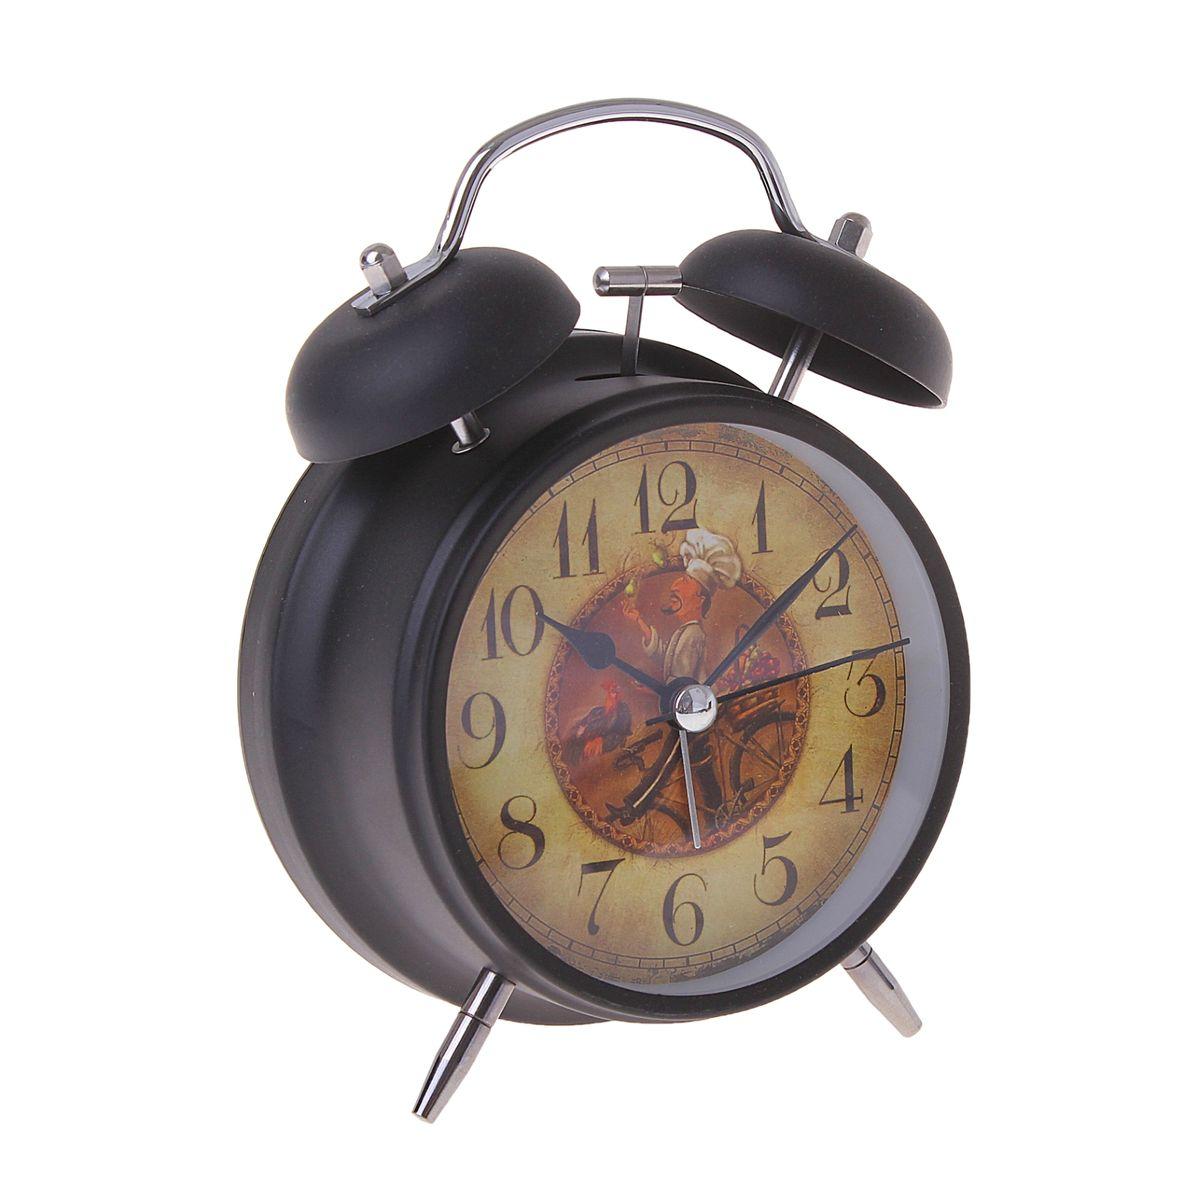 Часы-будильник Sima-land. 155521155521Как же сложно иногда вставать вовремя! Всегда так хочется поспать еще хотя бы 5 минут и бывает, что мы просыпаем. Теперь этого не случится! Яркий, оригинальный будильник Sima-land поможет вам всегда вставать в нужное время и успевать везде и всюду. Время показывает точно и будит в установленный час. Будильник украсит вашу комнату и приведет в восхищение друзей. На задней панели будильника расположены переключатель включения/выключения механизма и два колесика для настройки текущего времени и времени звонка будильника. Также будильник оснащен кнопкой, при нажатии и удержании которой, подсвечивается циферблат.Будильник работает от 1 батарейки типа AA напряжением 1,5V (не входит в комплект).